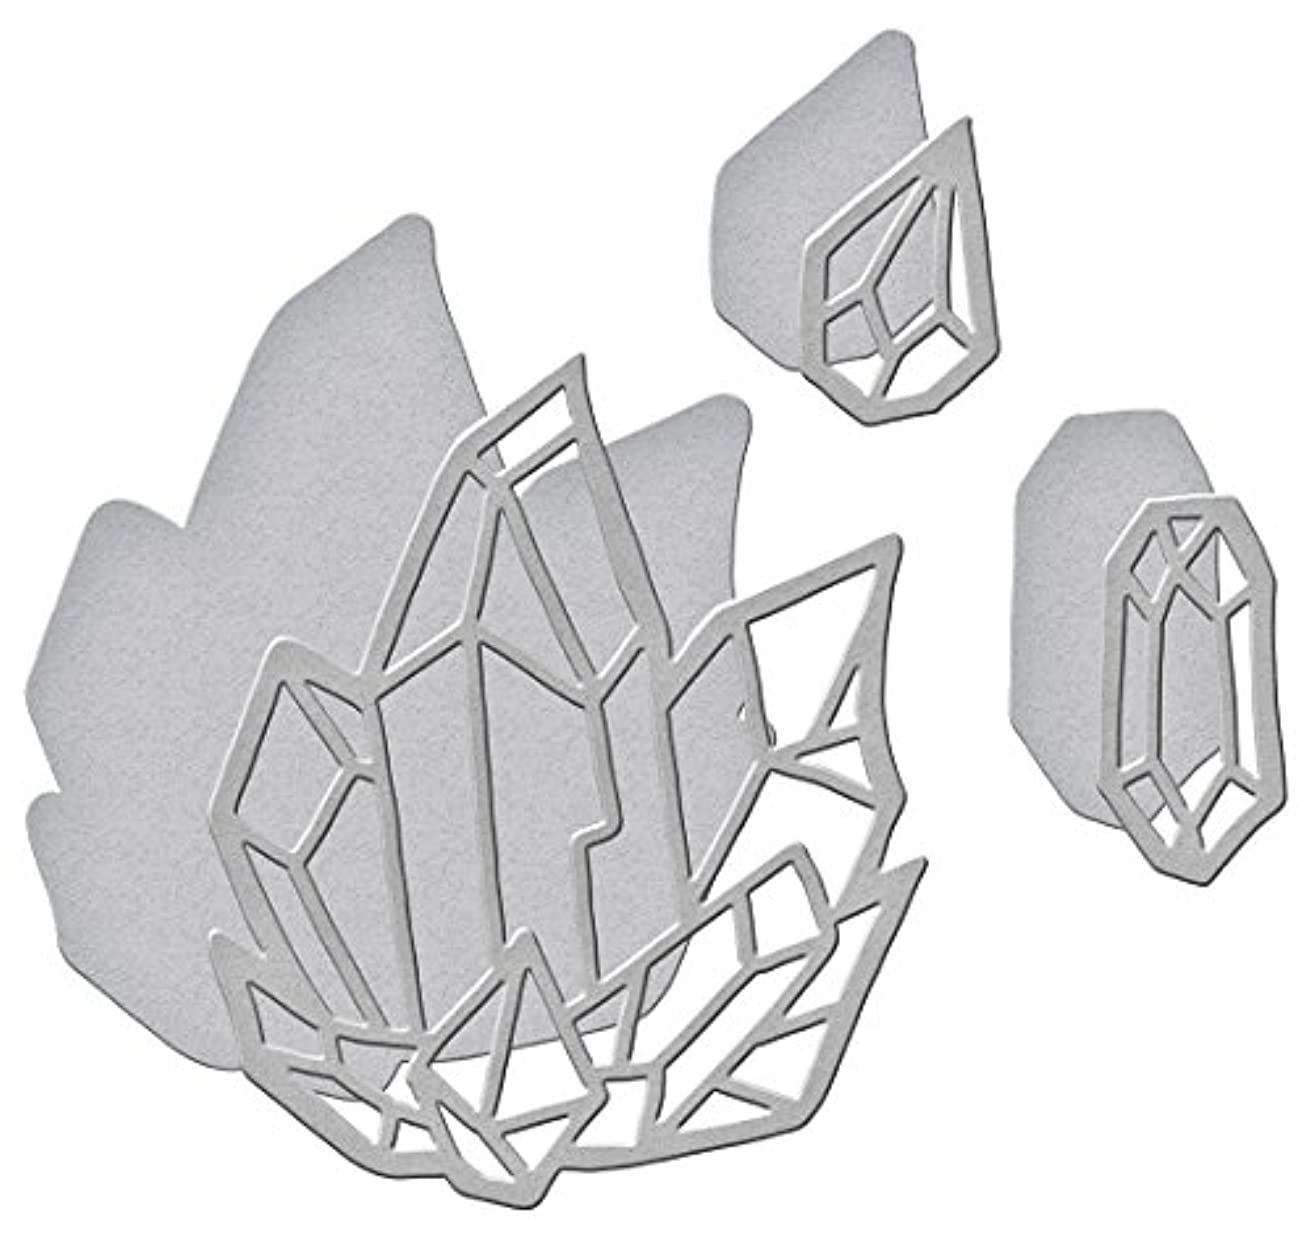 Spellbinders Shapeabilities Crystal Peaks by Stephanie Low Etched/Wafer Thin Dies